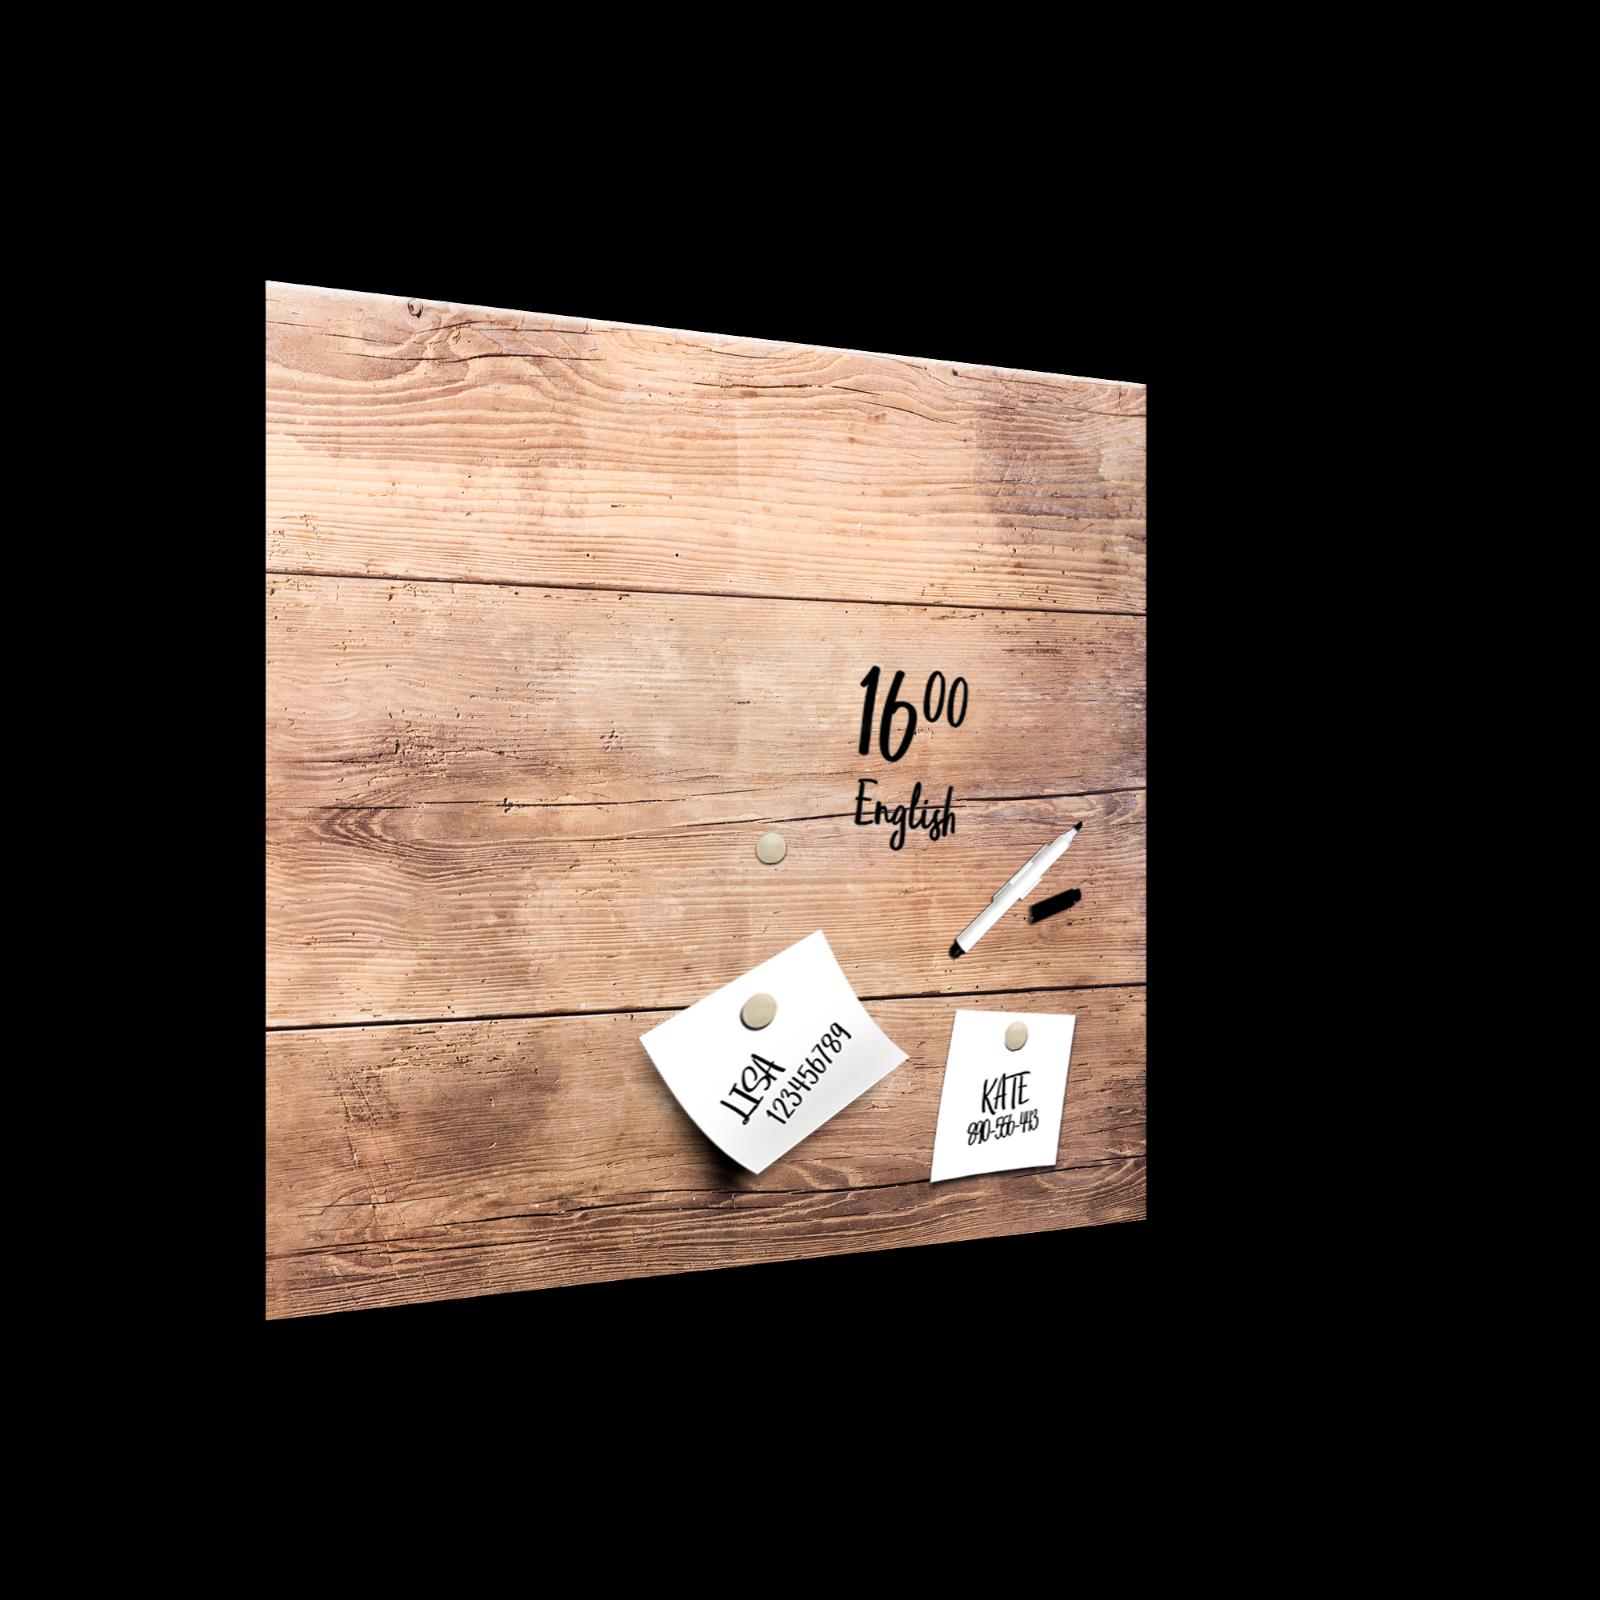 Full Size of Magnetwand Küche Memoboard Wood S Styler Glas Magnettafel Kche Holz Eiche Hell Landhaus Singleküche Mit E Geräten Outdoor Edelstahl Zusammenstellen Wohnzimmer Magnetwand Küche